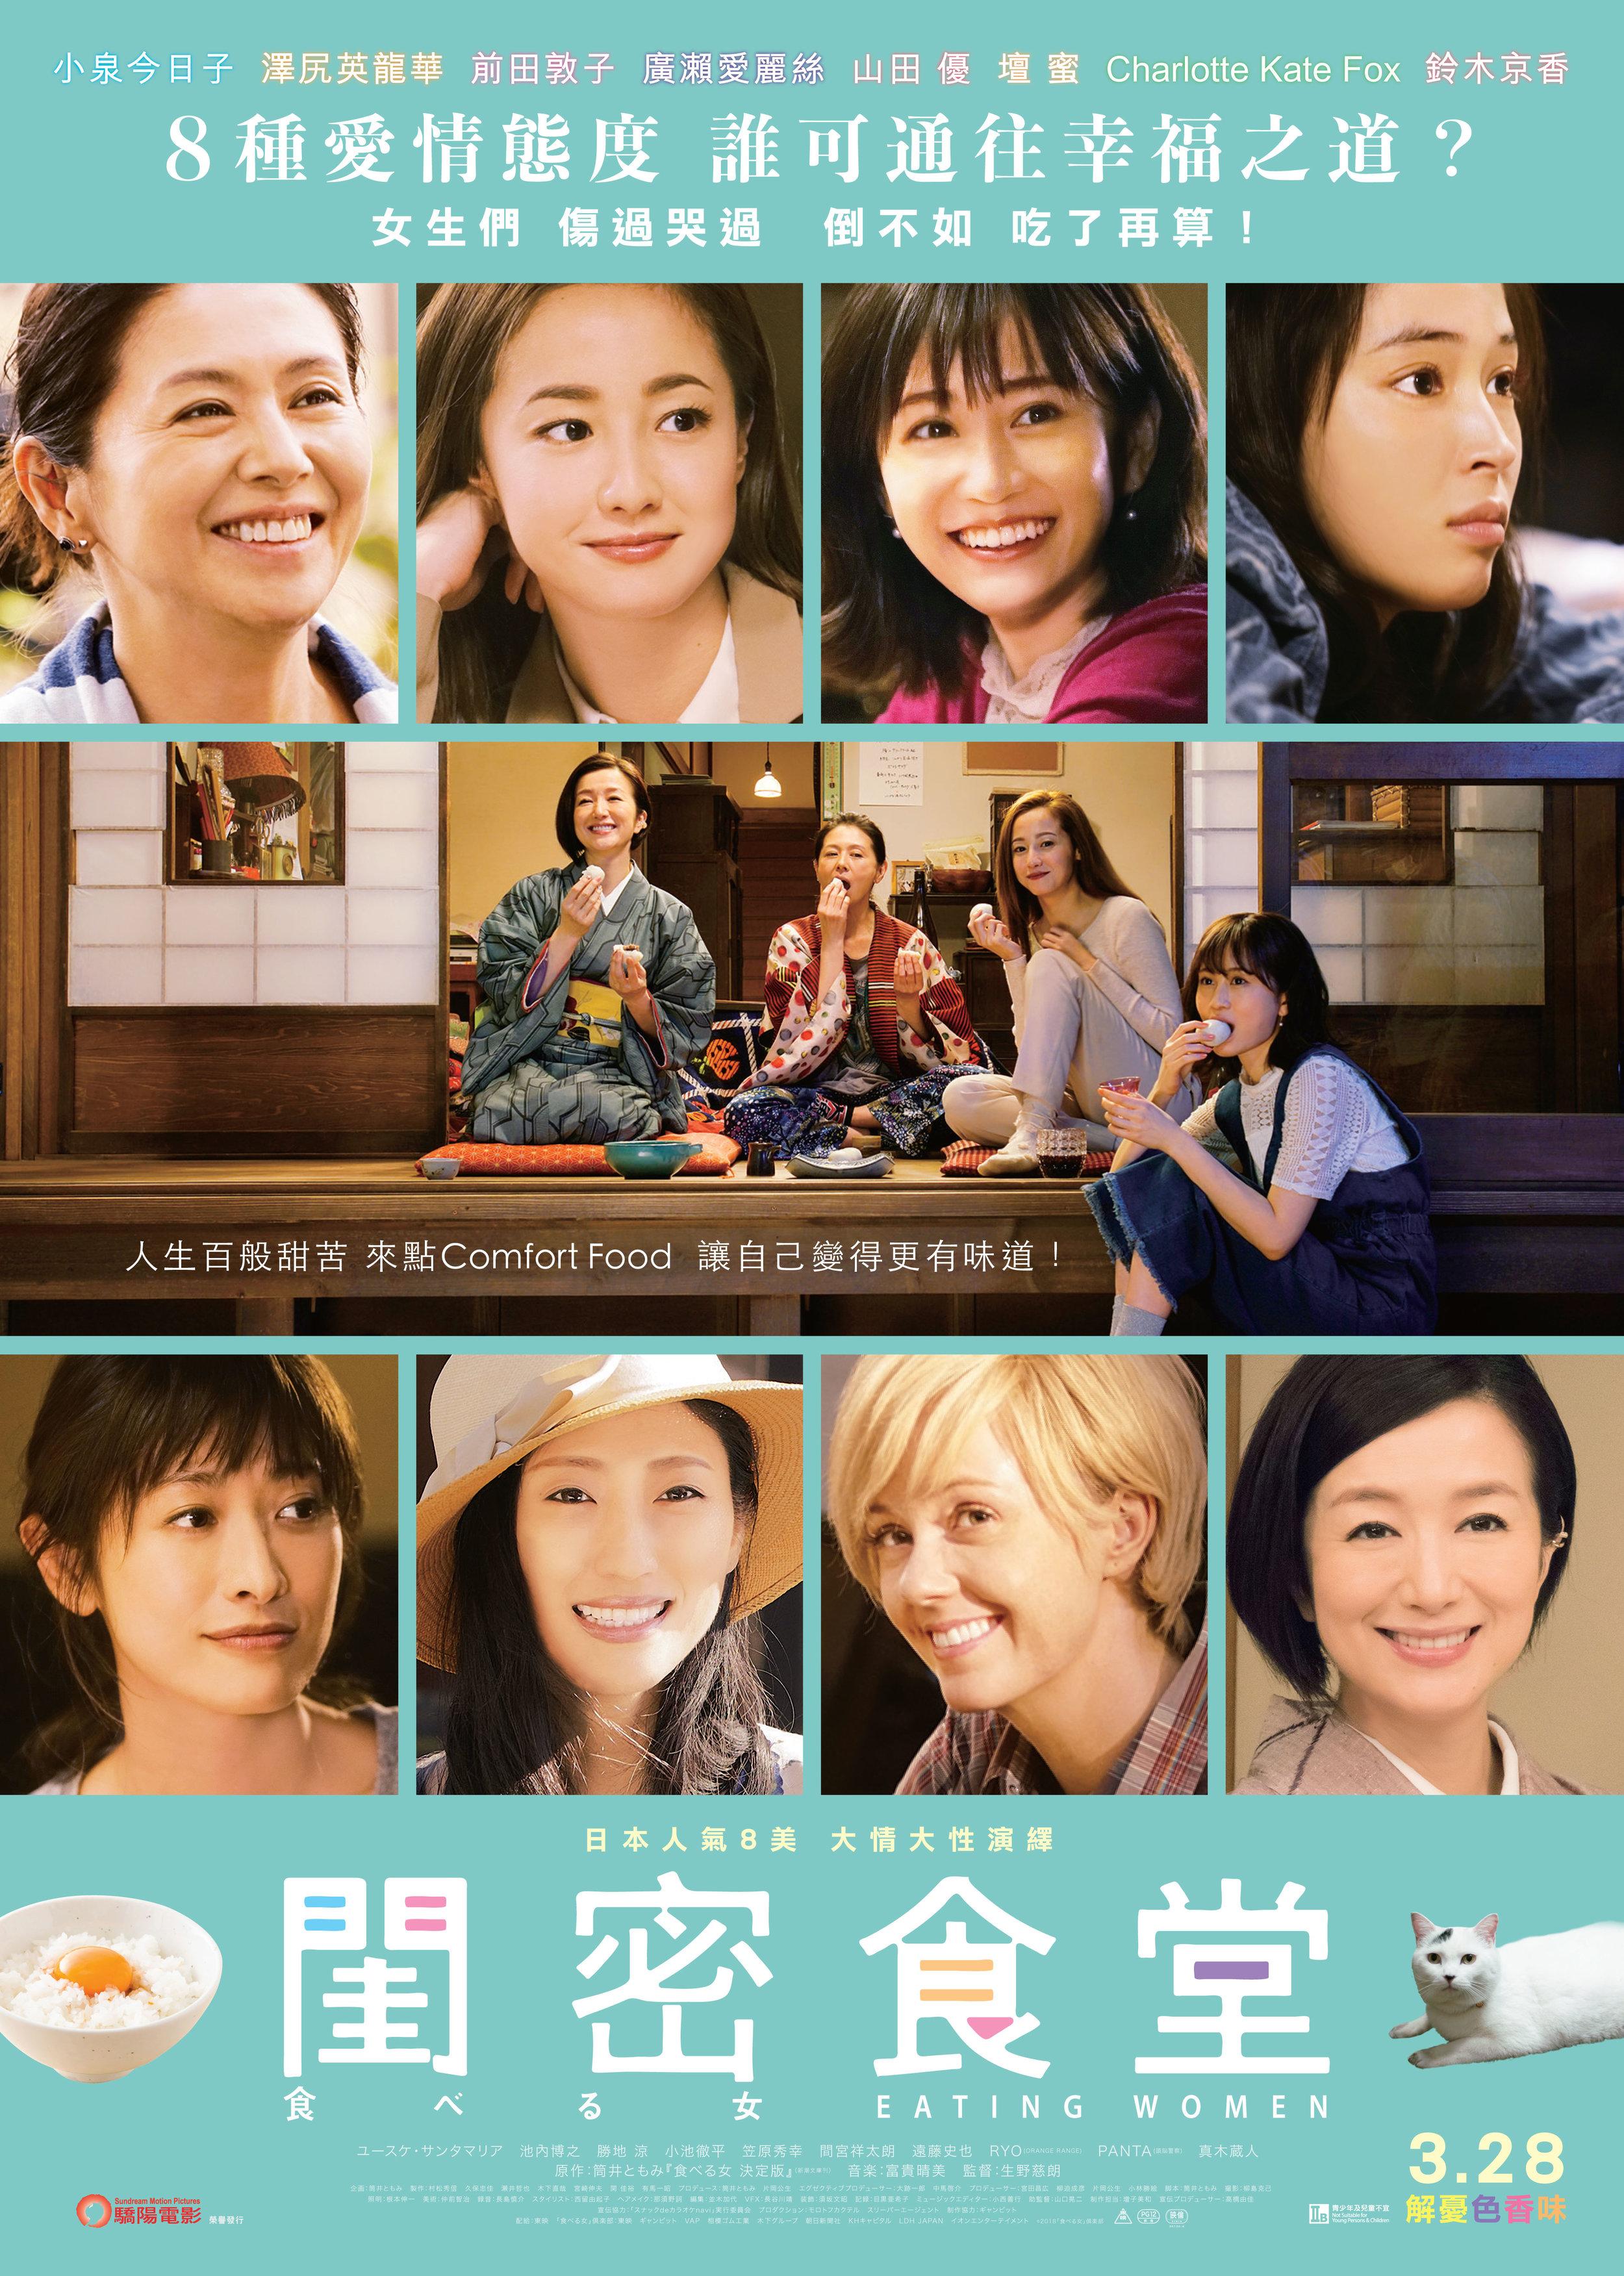 eating_women - Local Poster.jpg